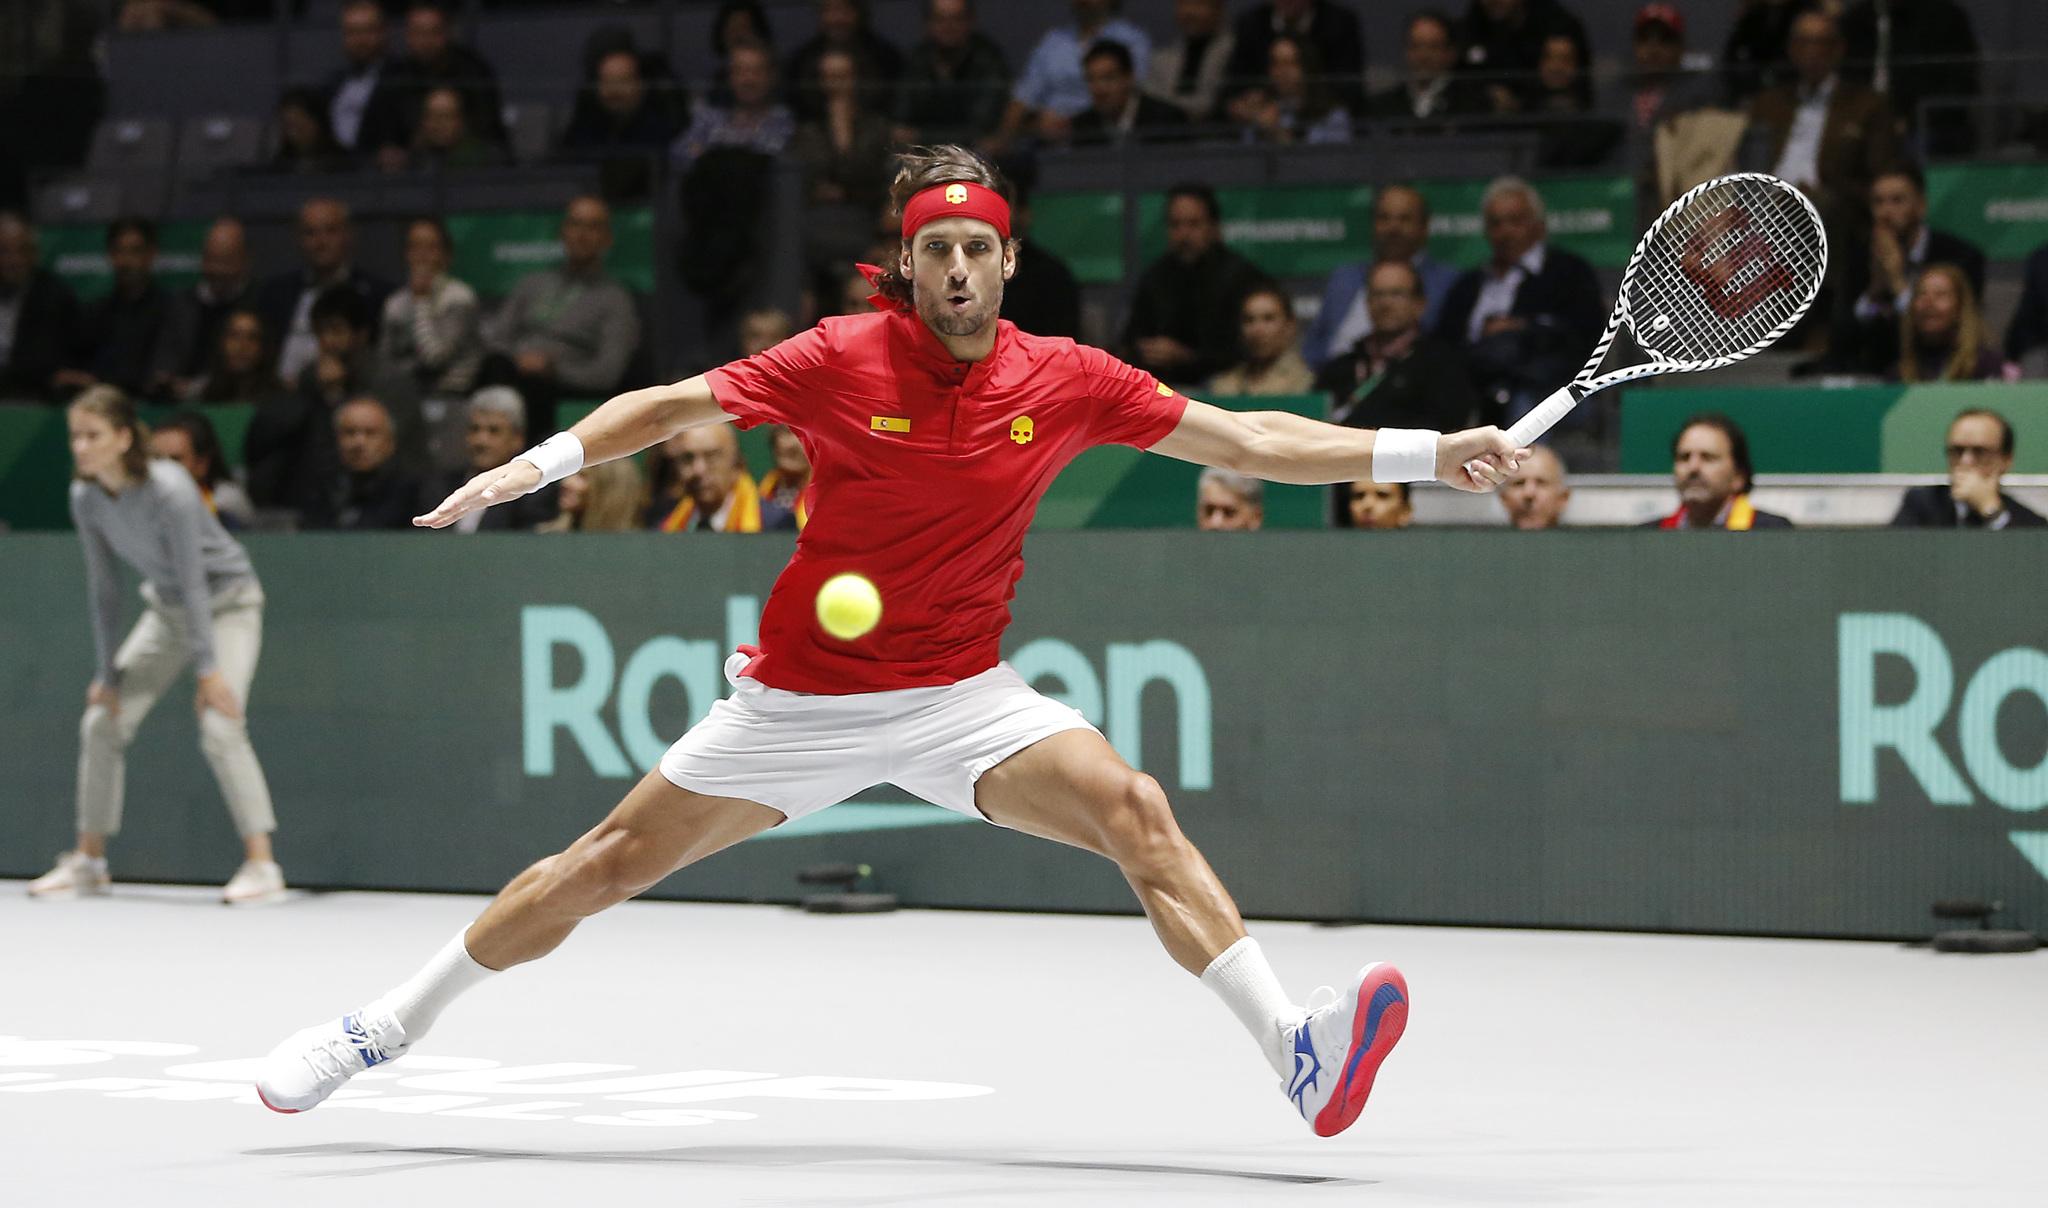 Feliciano Lopez jugando la Copa Davis 2019 con España.